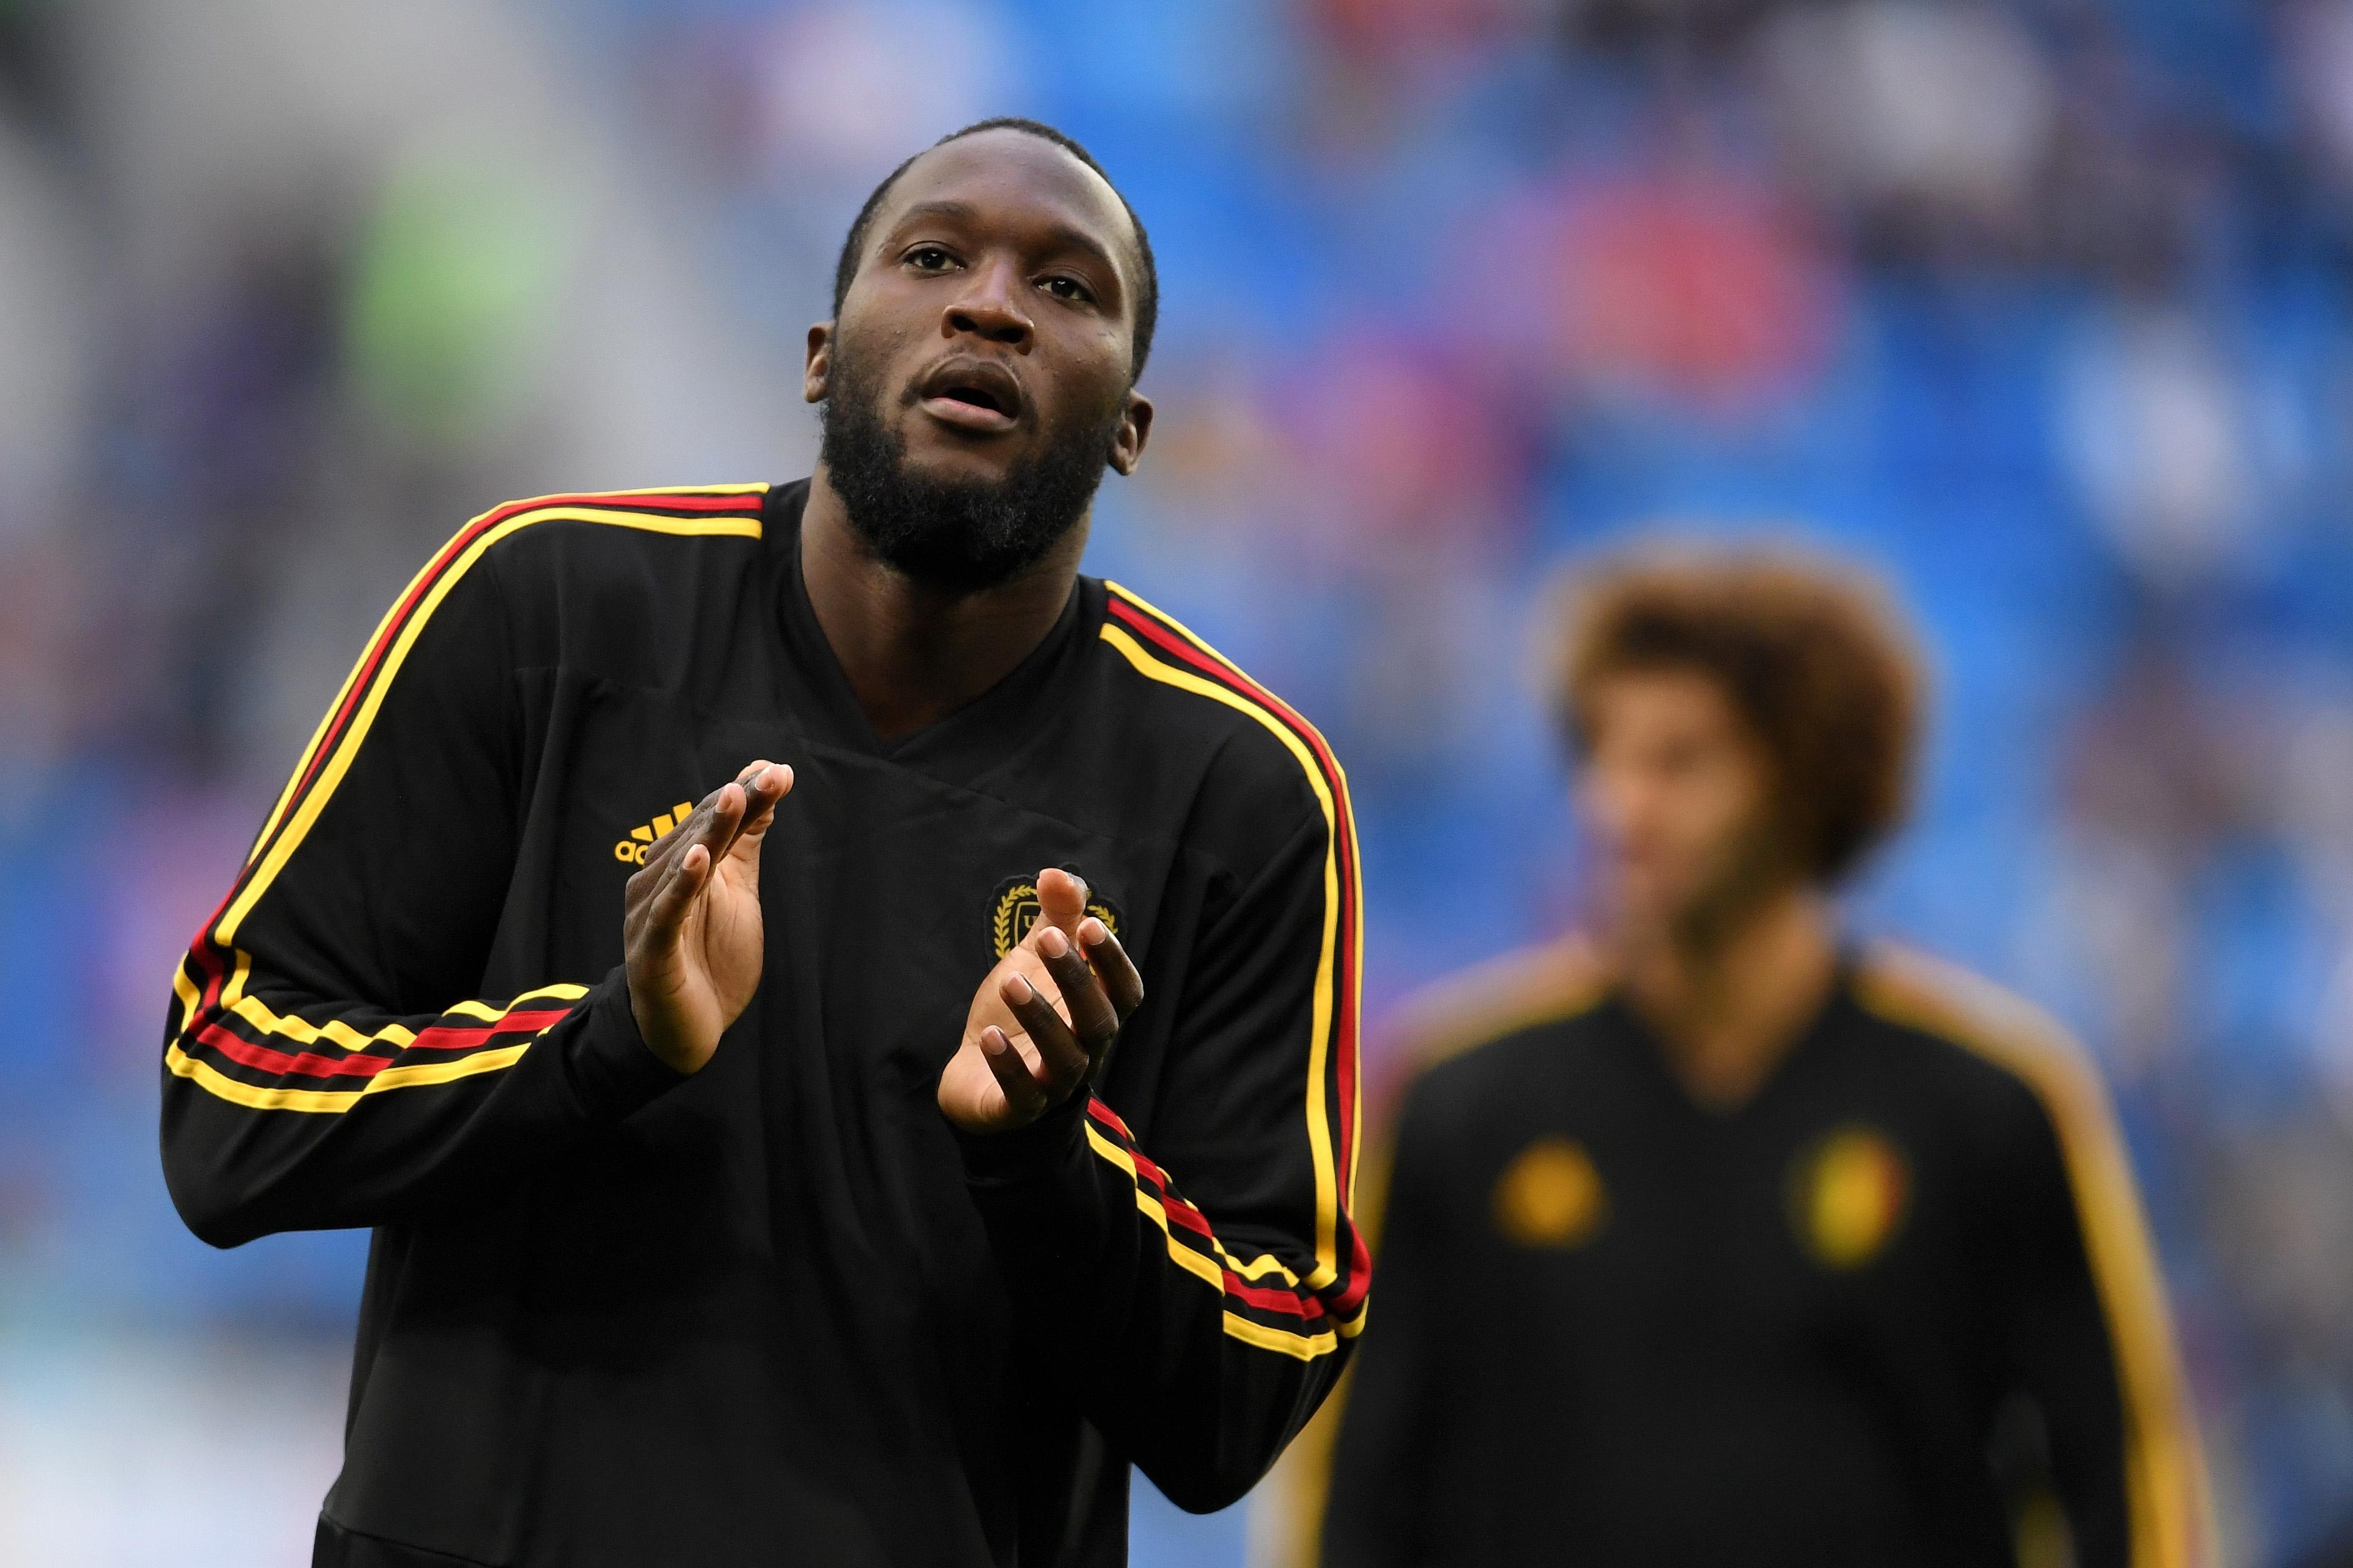 Селекционерът на националния отбор на Белгия Роберто Мартинес продължава да